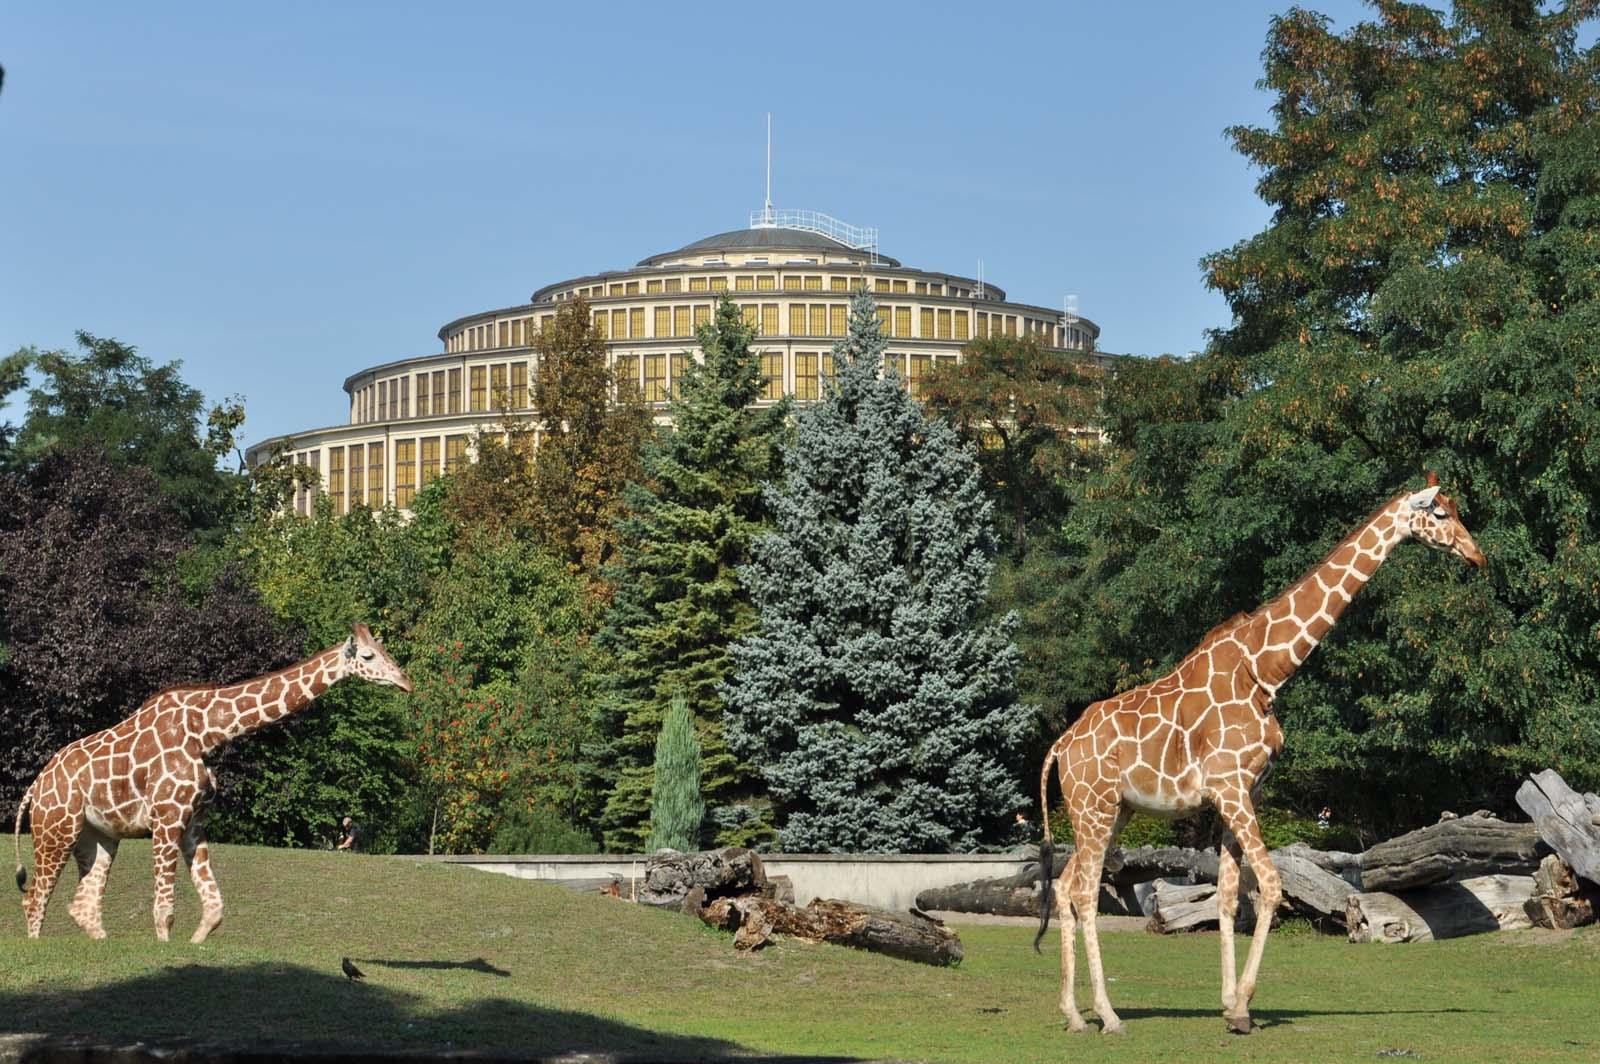 Hala Stulecia widziana z wrocławskiego zoo, Hala Stulecia, Wrocław Zoo Wrocław